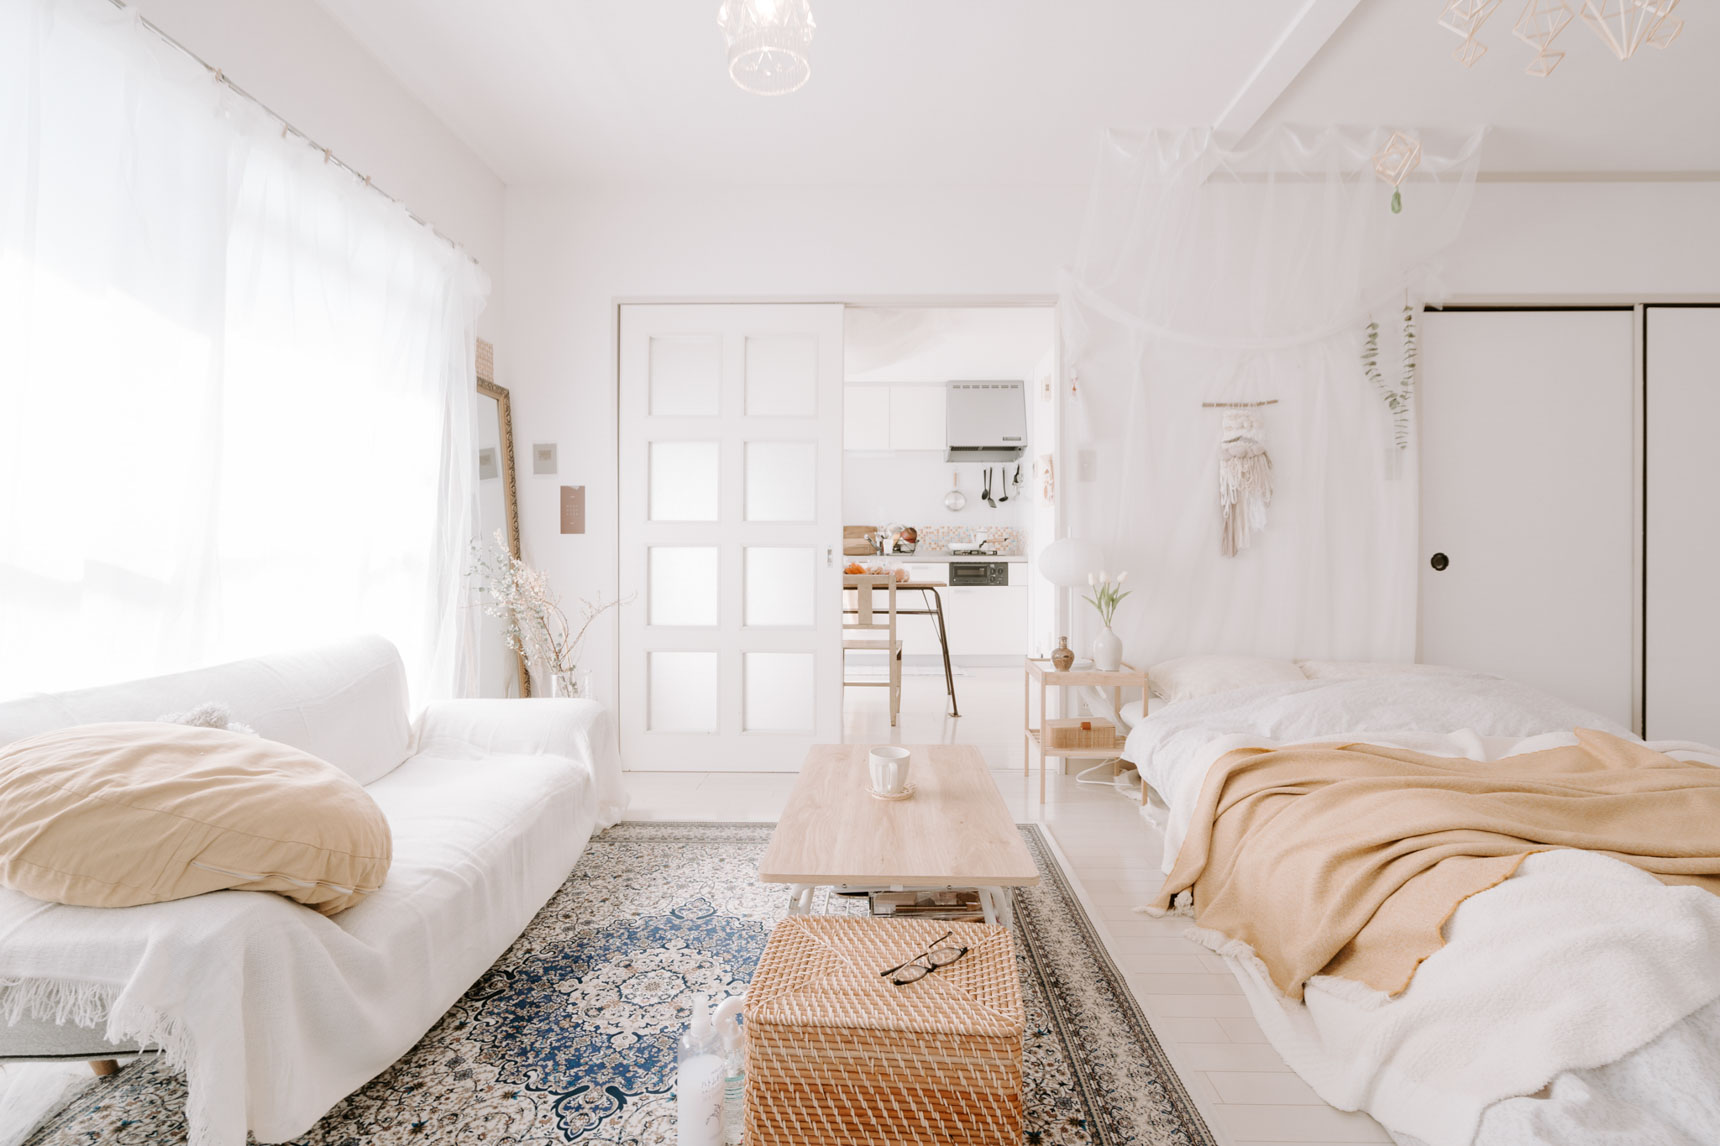 ベッド部分にも、同じように布を垂らして天蓋風にしています。